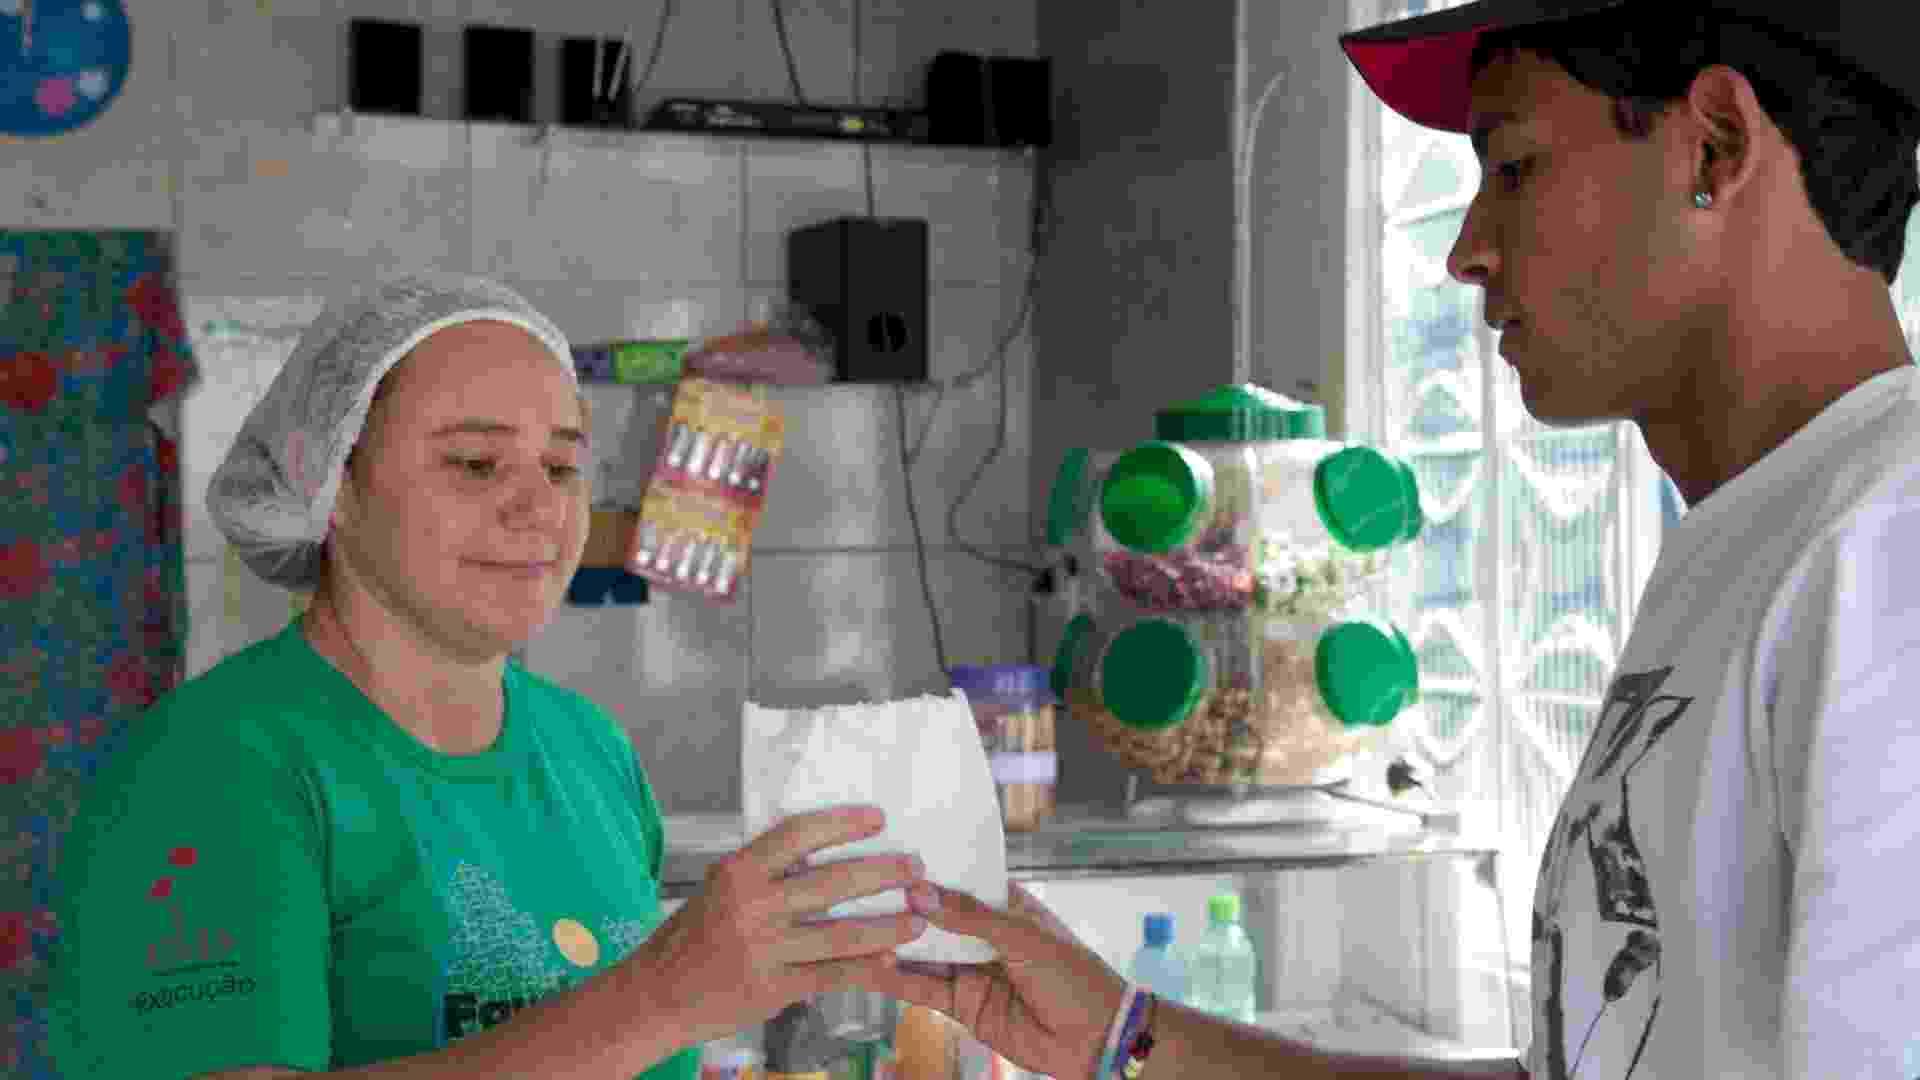 Bar-café Favela Point, no Morro da Providência, Zona Norte do Rio de Janeiro (RJ) - Maria Elisa Franco/UOL